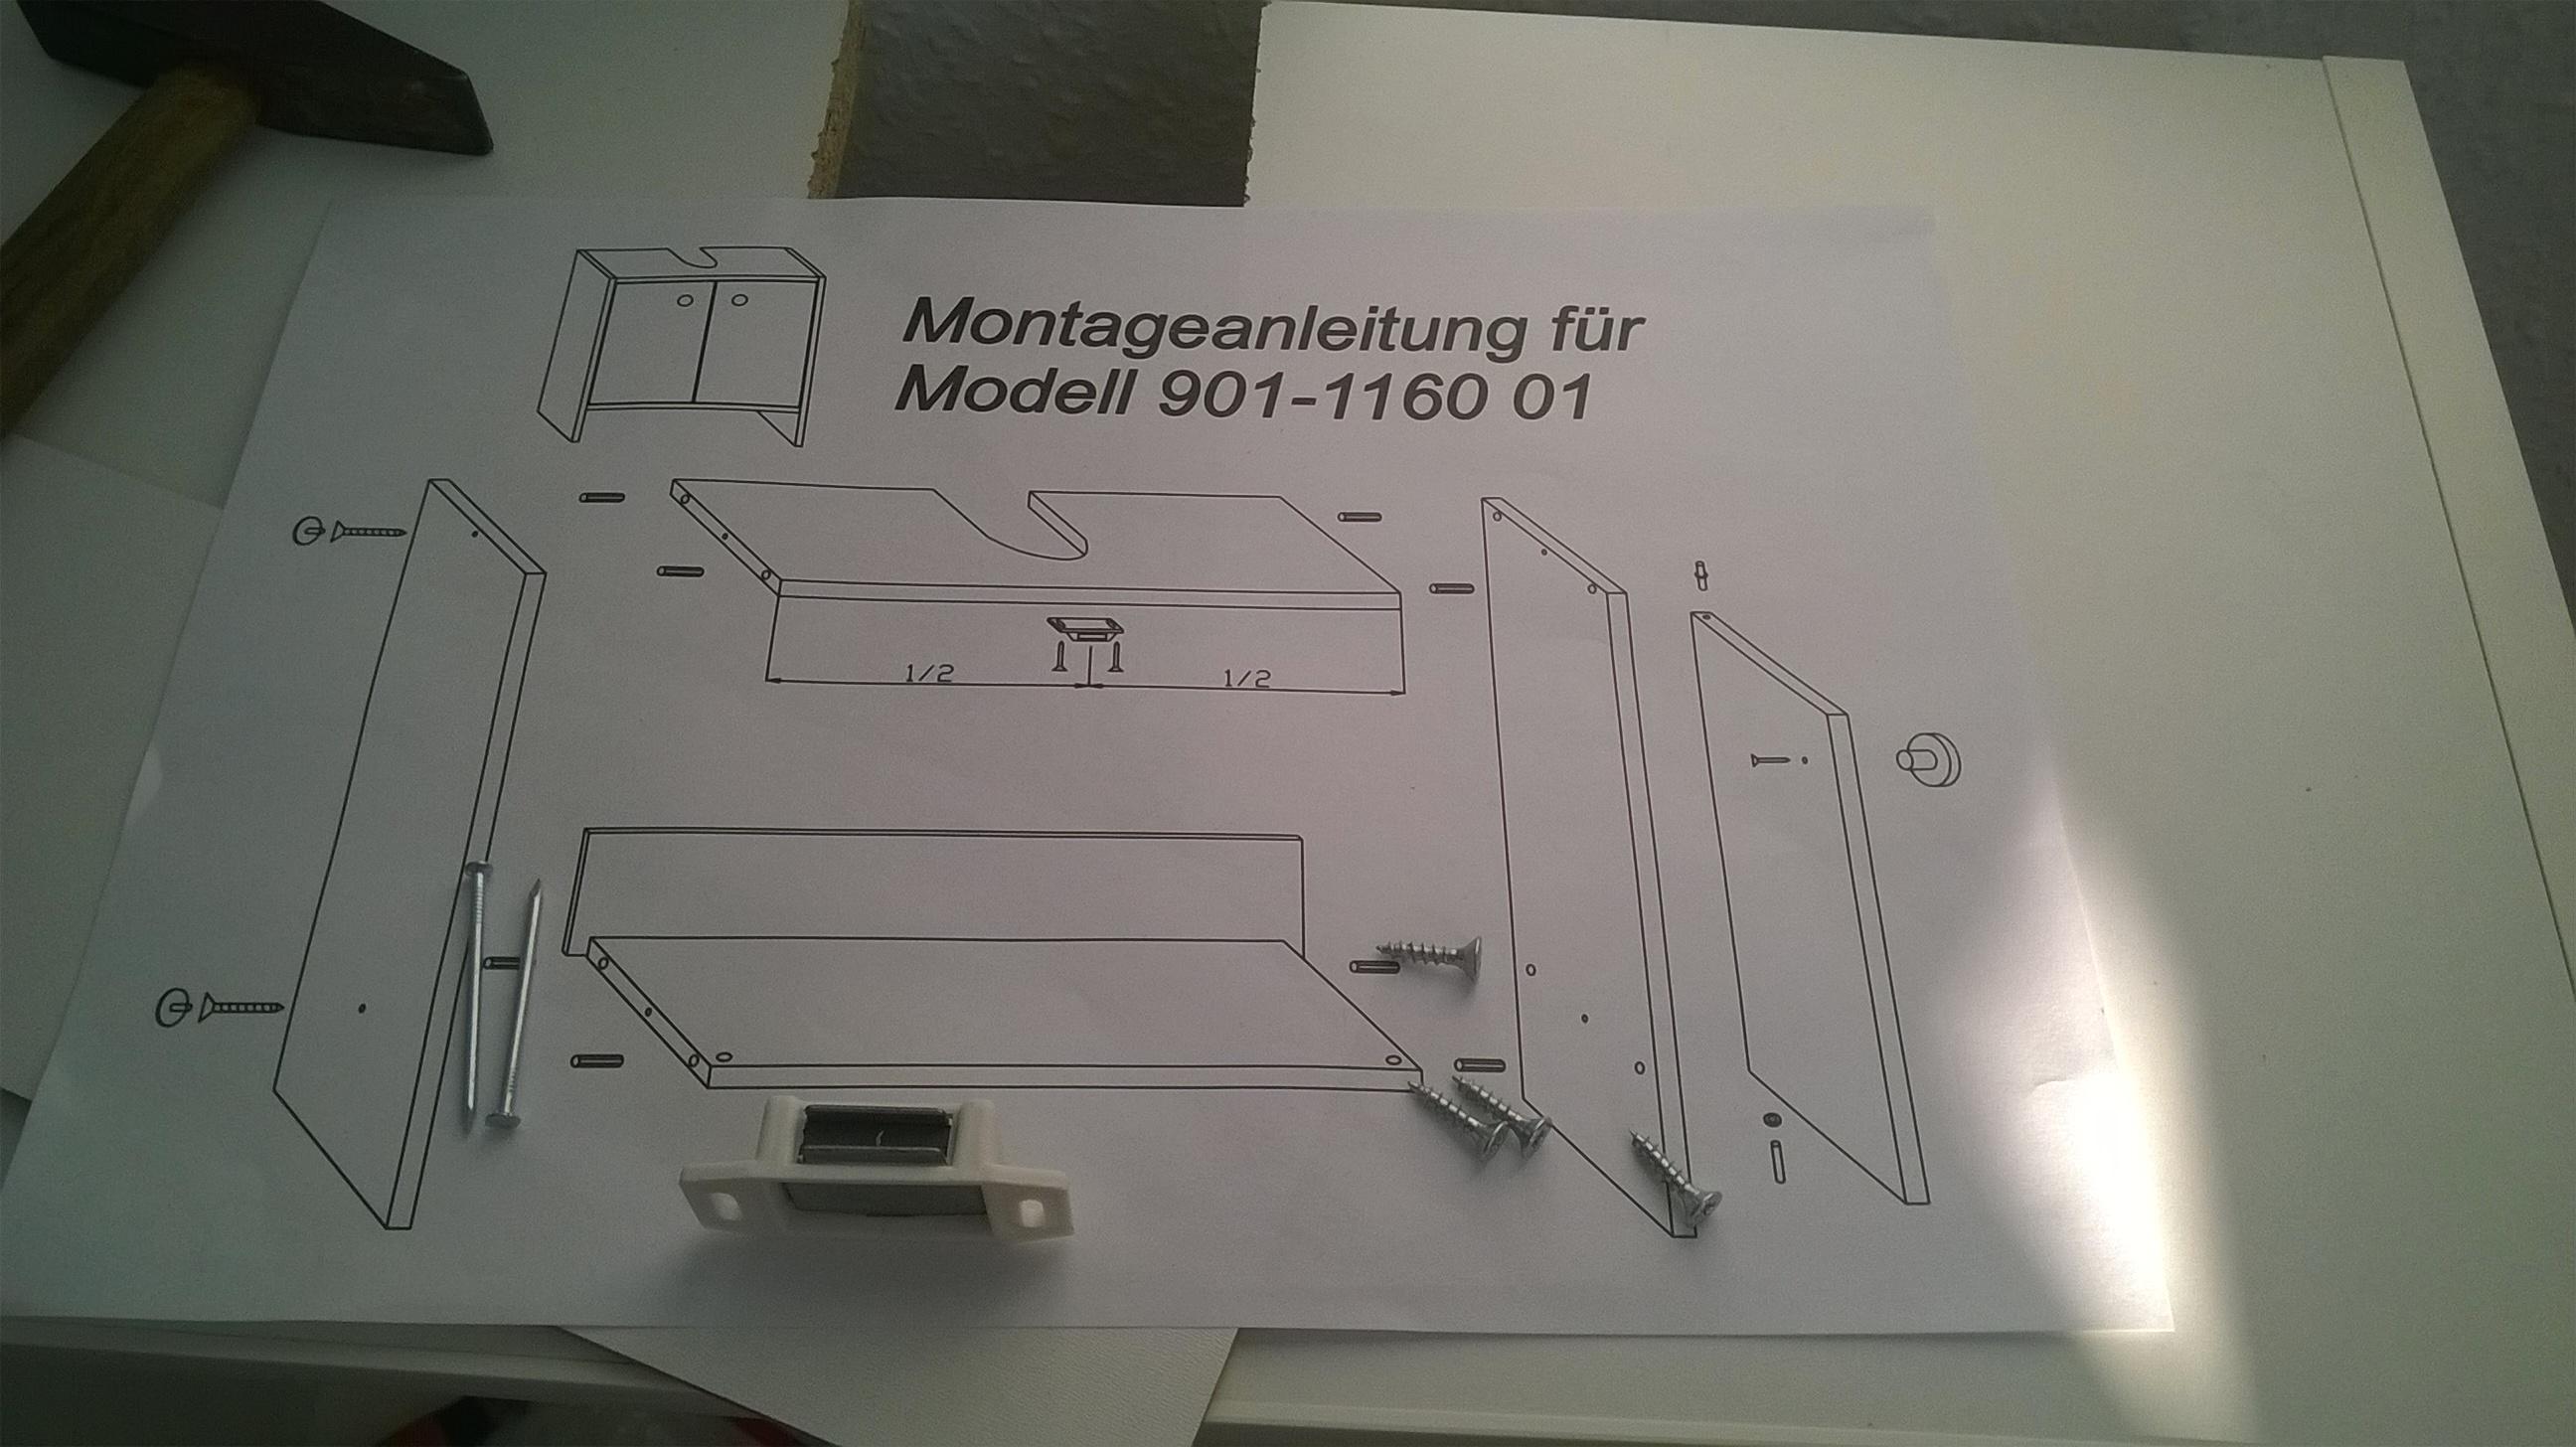 Badezimmer / Waschbeckenunterschrank Aufbauen? (Roller